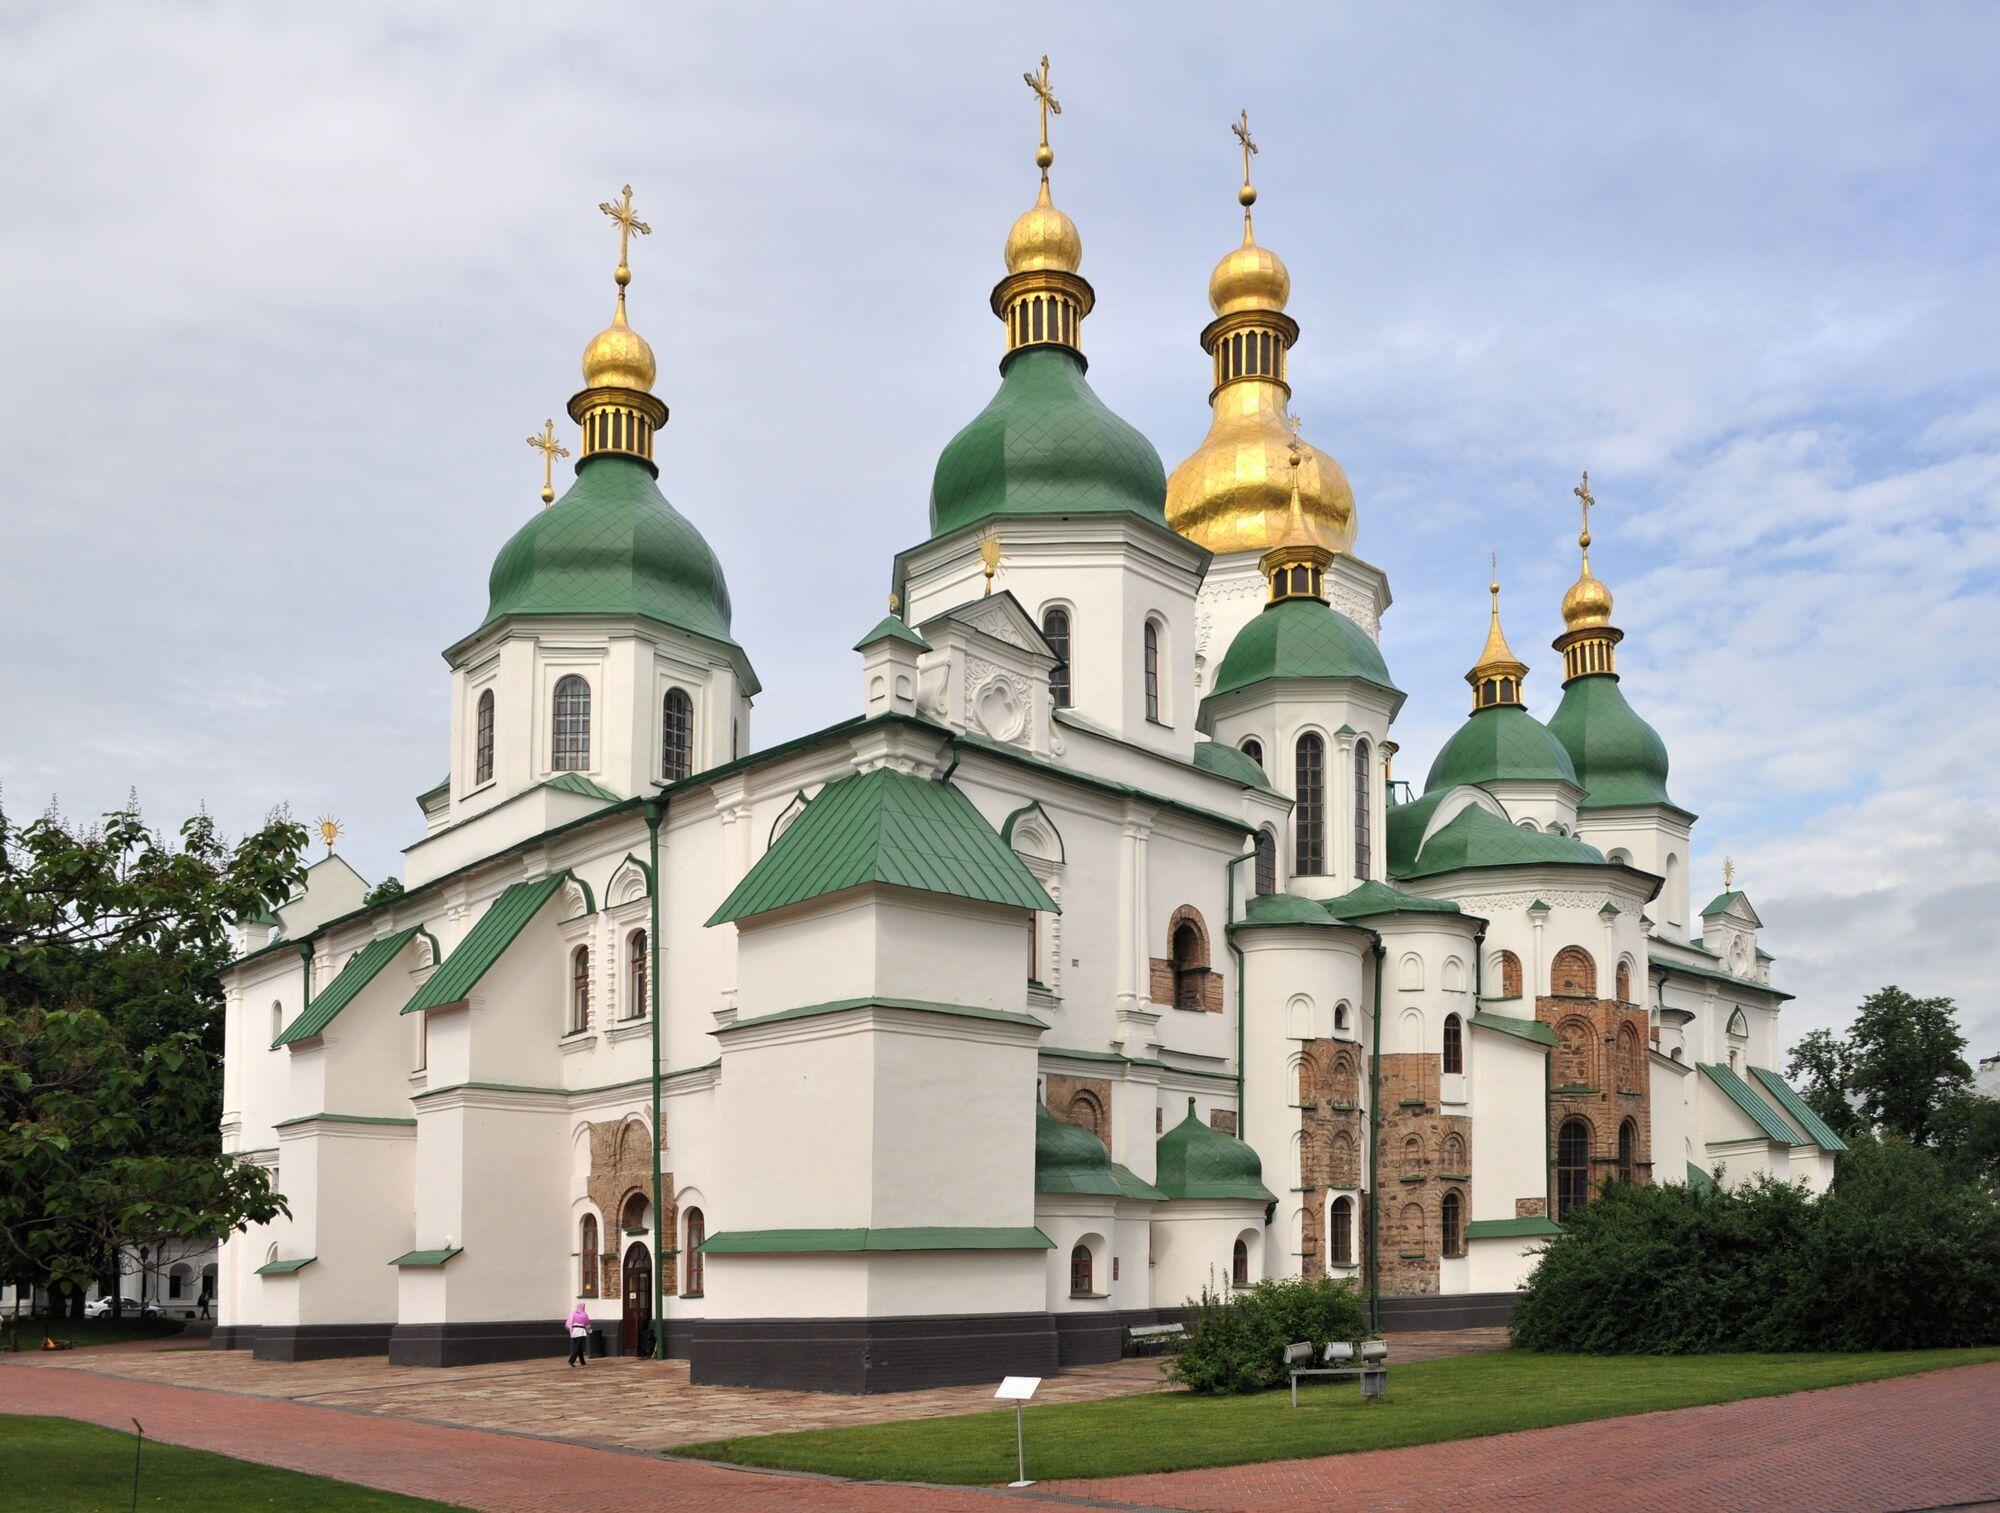 Софийский собор является одной из древнейших церквей в Украине